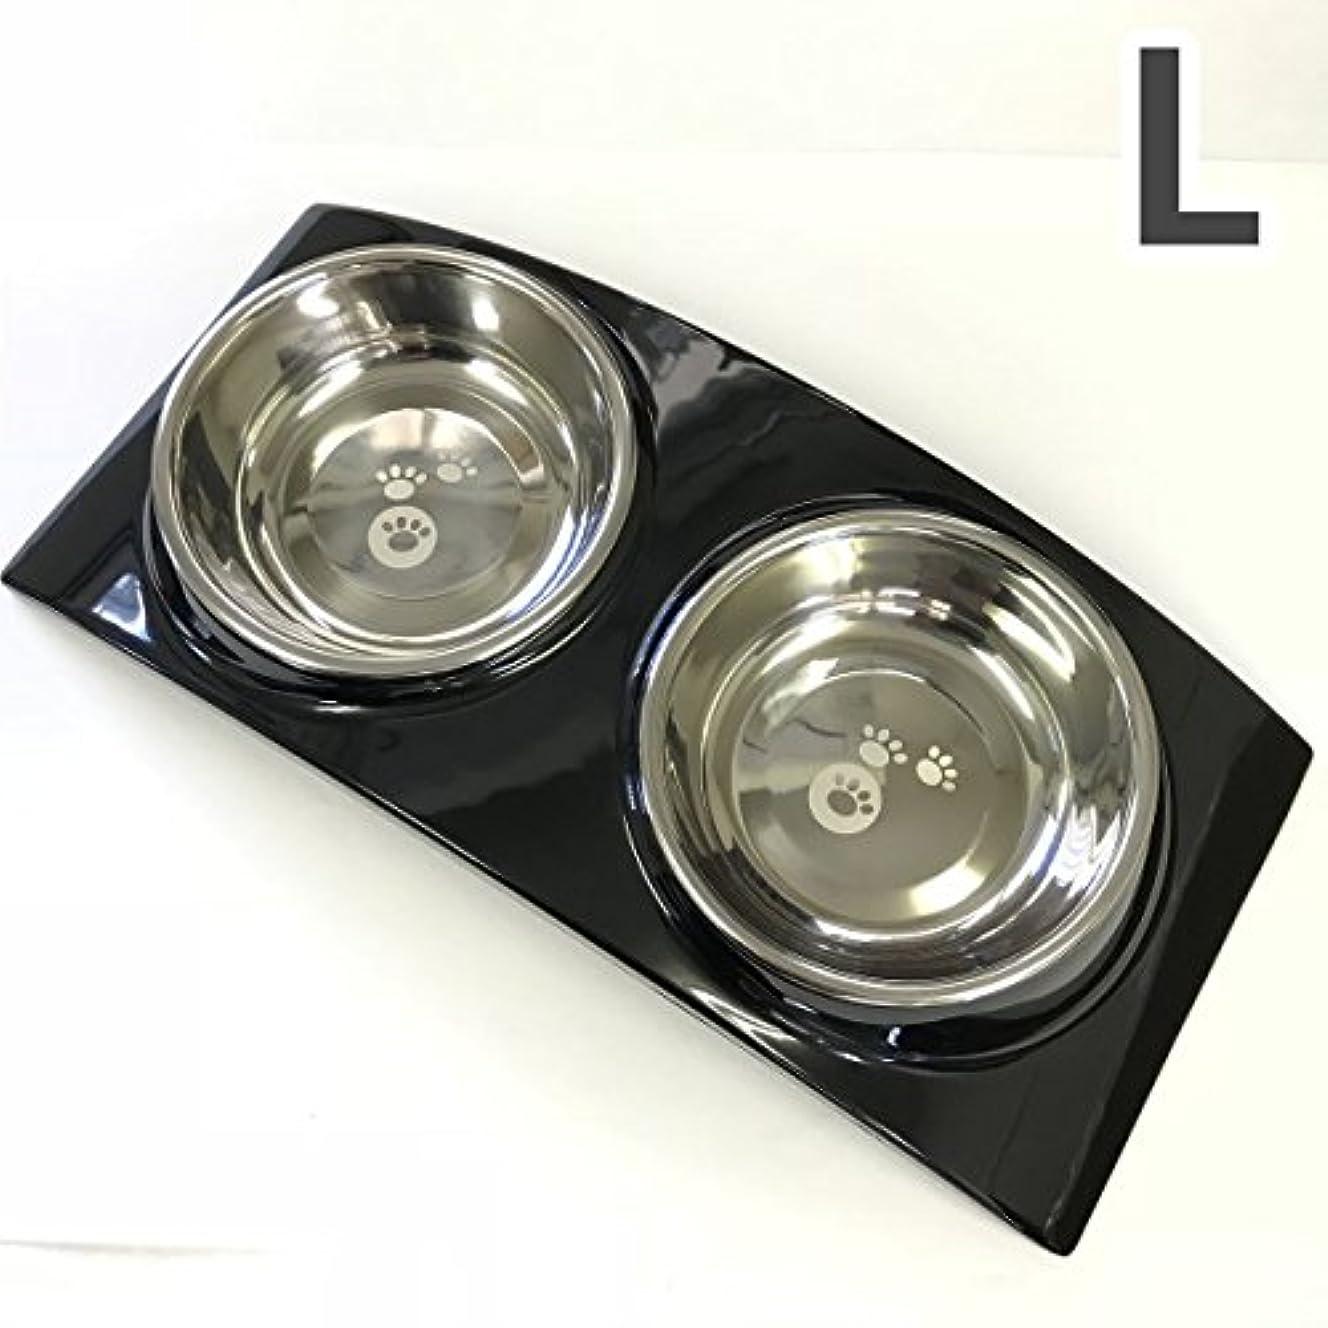 トムキャット [食器]レインボー ディナーセット L ブラック